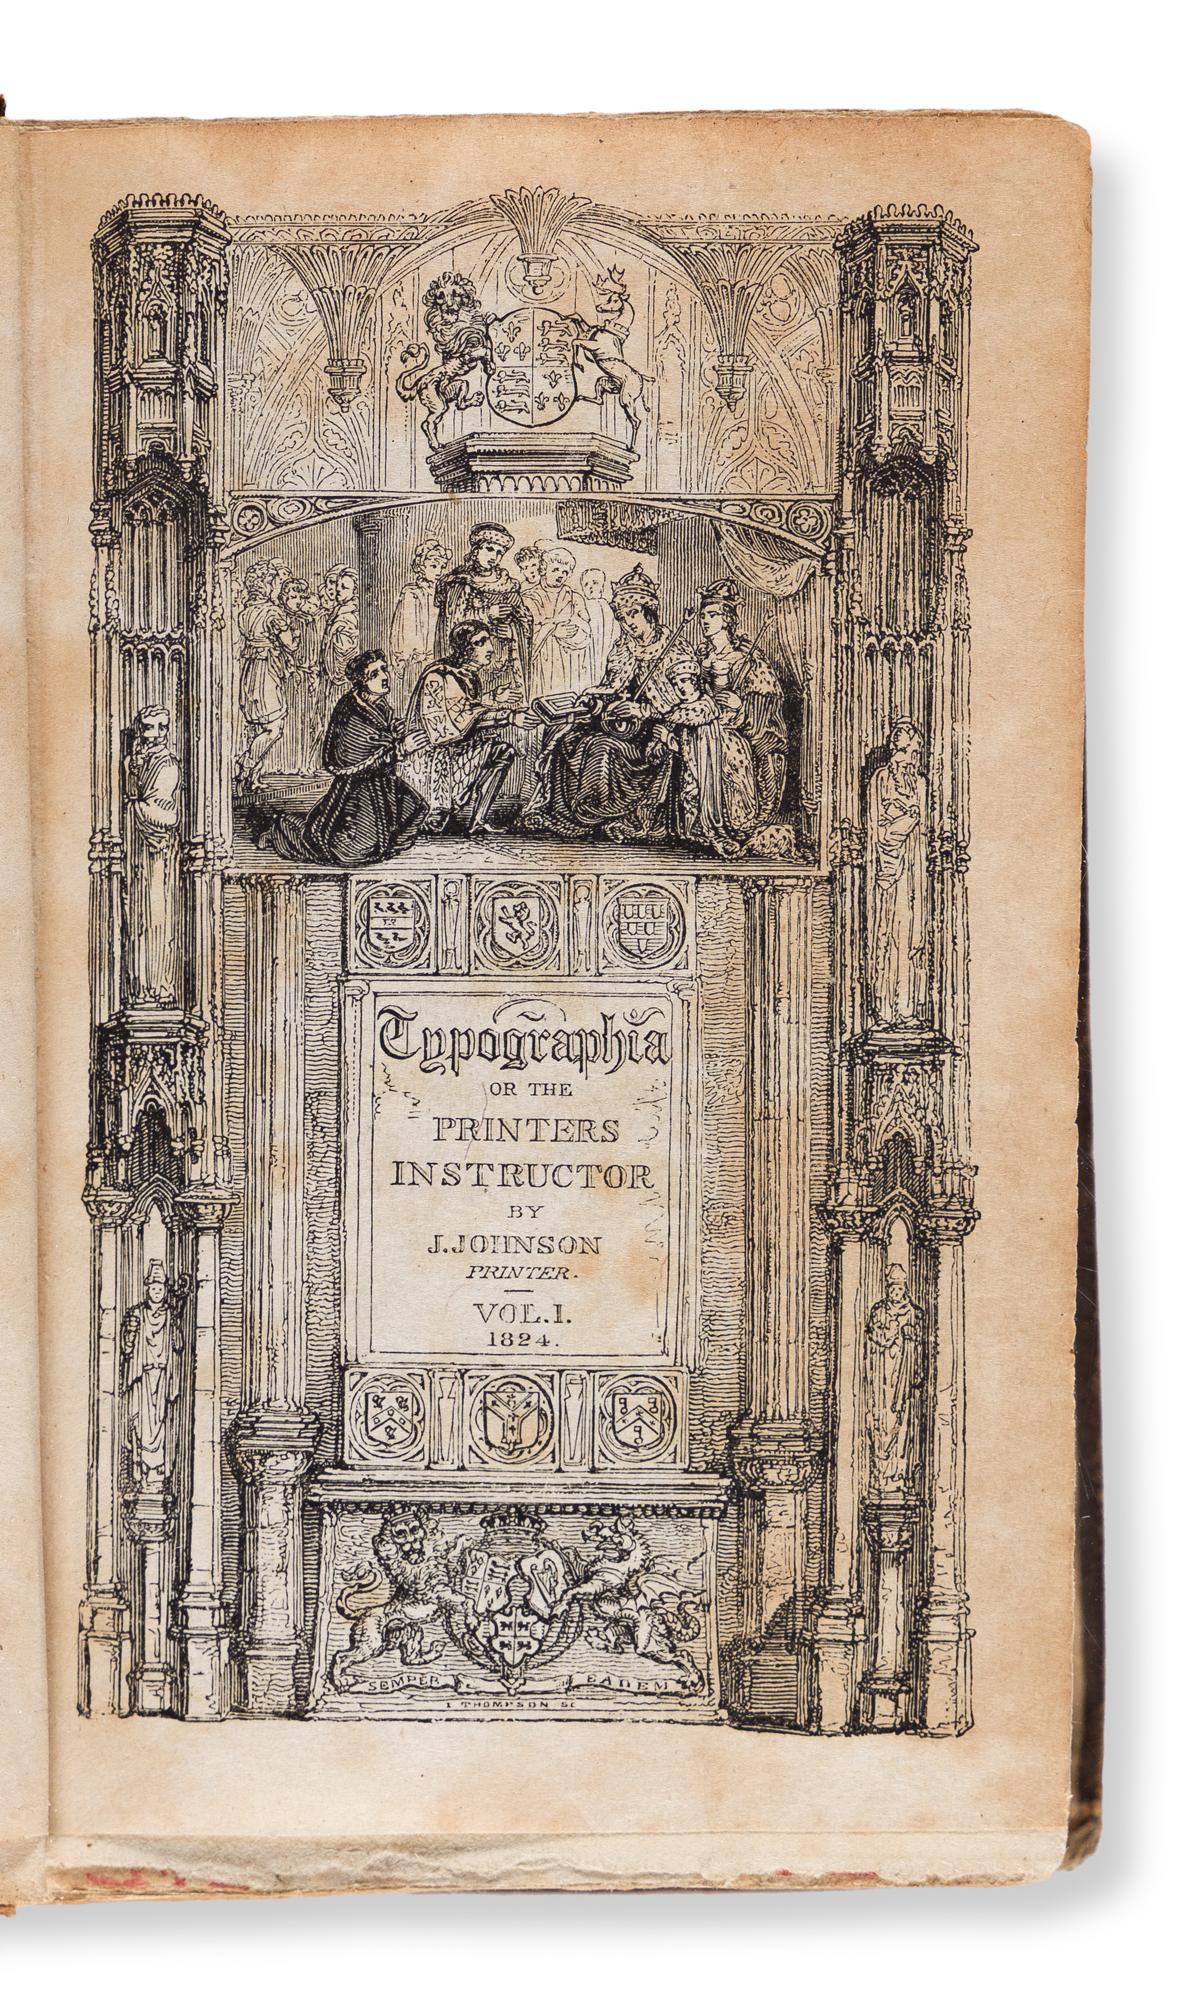 JOHNSON, JOHN. Typographia, or the Printers' Instructor… London: Longman, Hurst, Rees, etc., 1824.